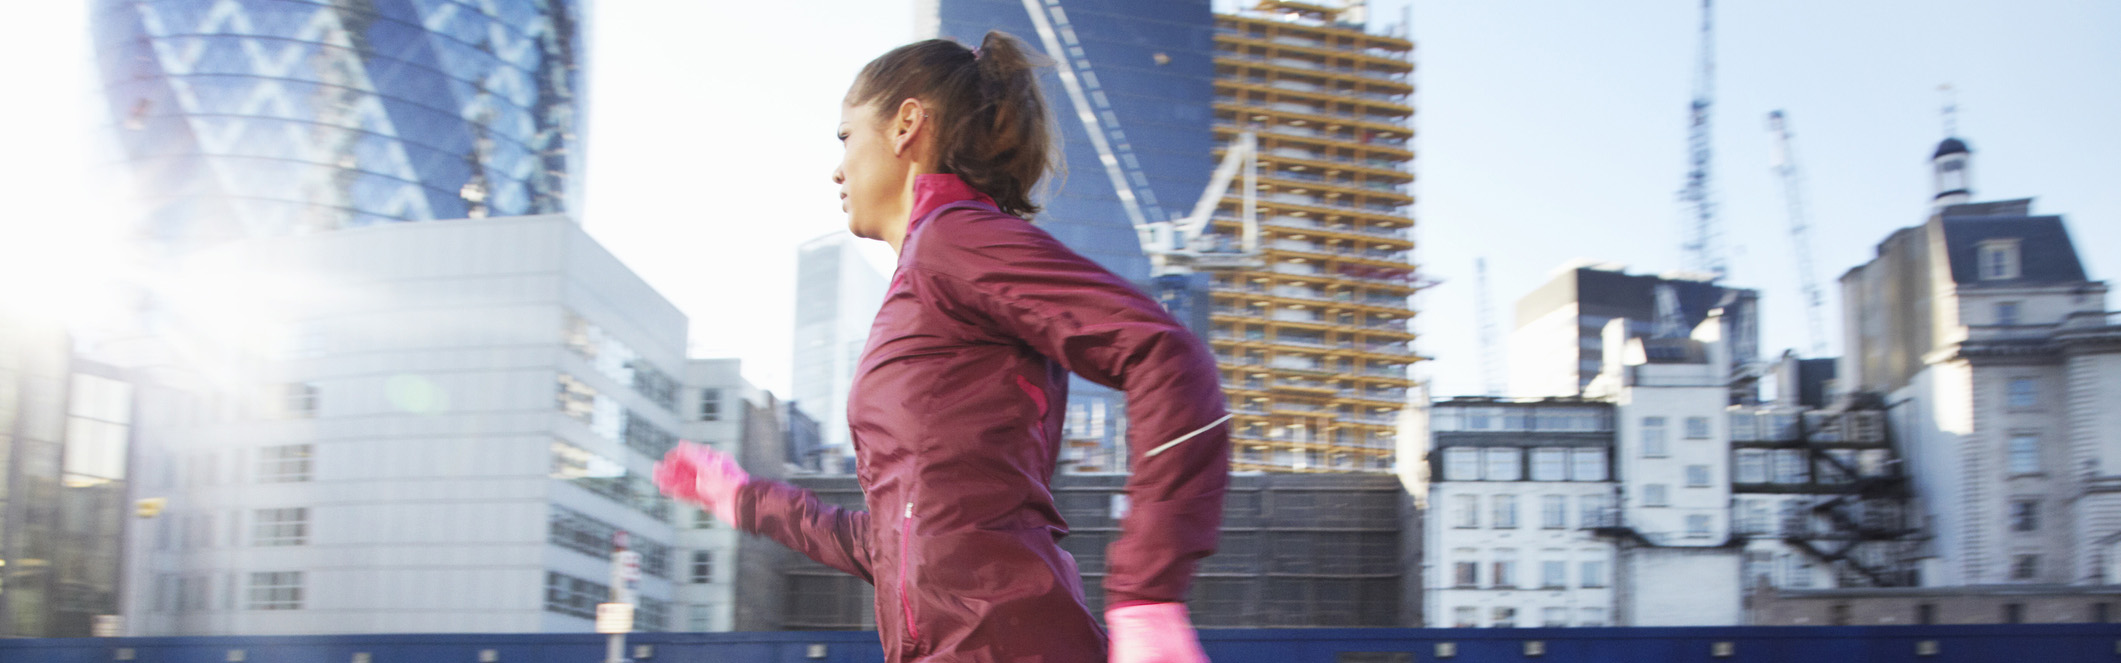 ladies-running-jacket.jpg-main.jpg